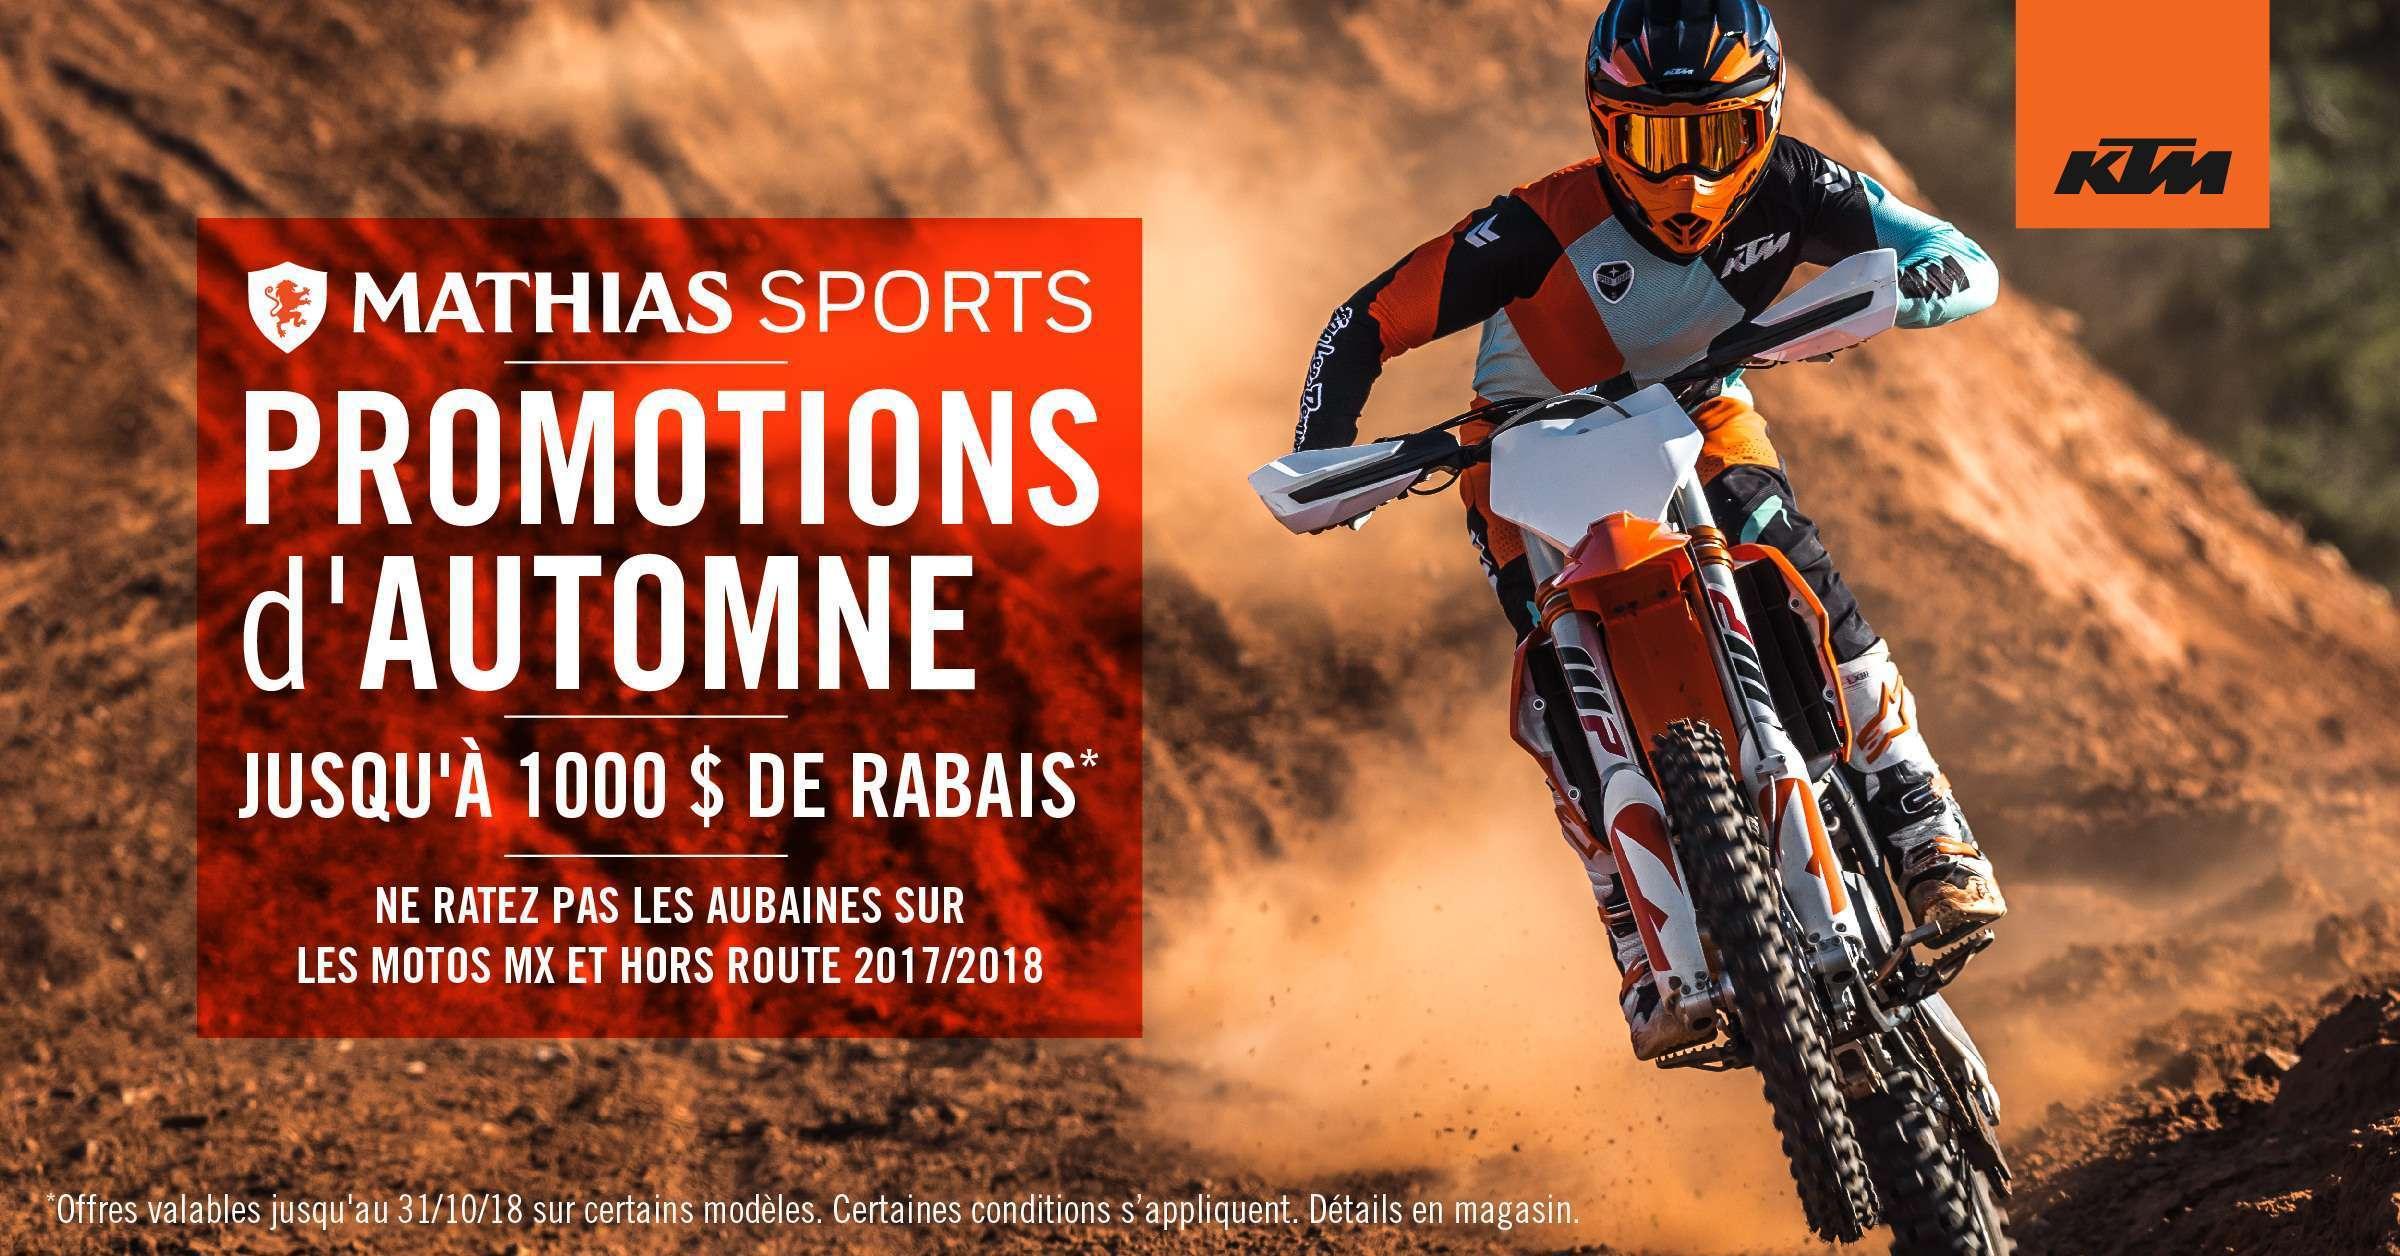 Promotions d'automne KTM: ne ratez pas les aubaines sur les motos hors route!